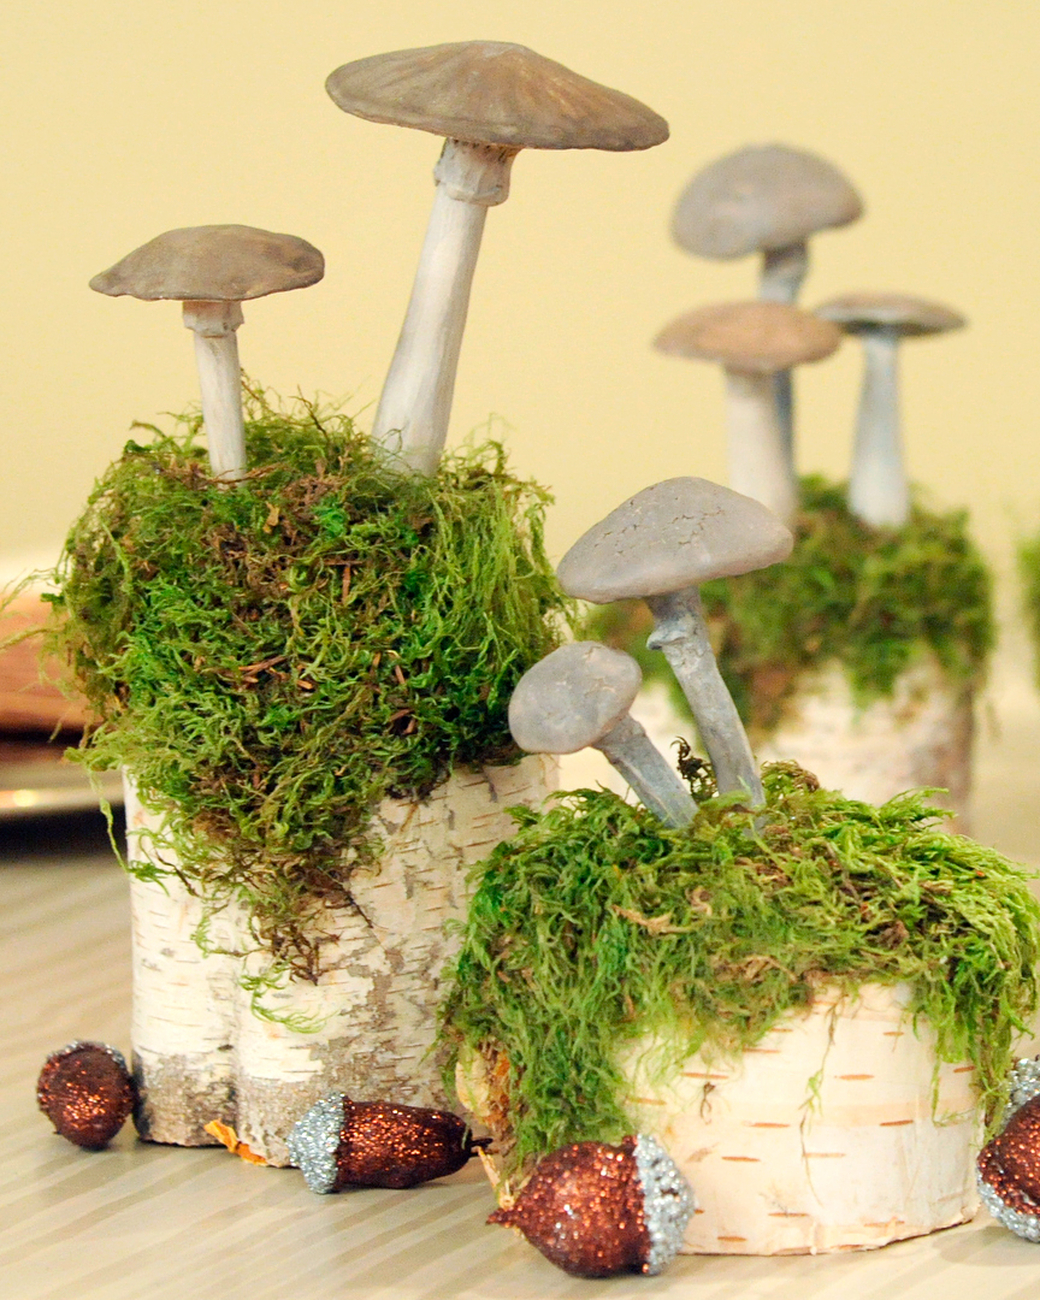 Diy clay mushrooms